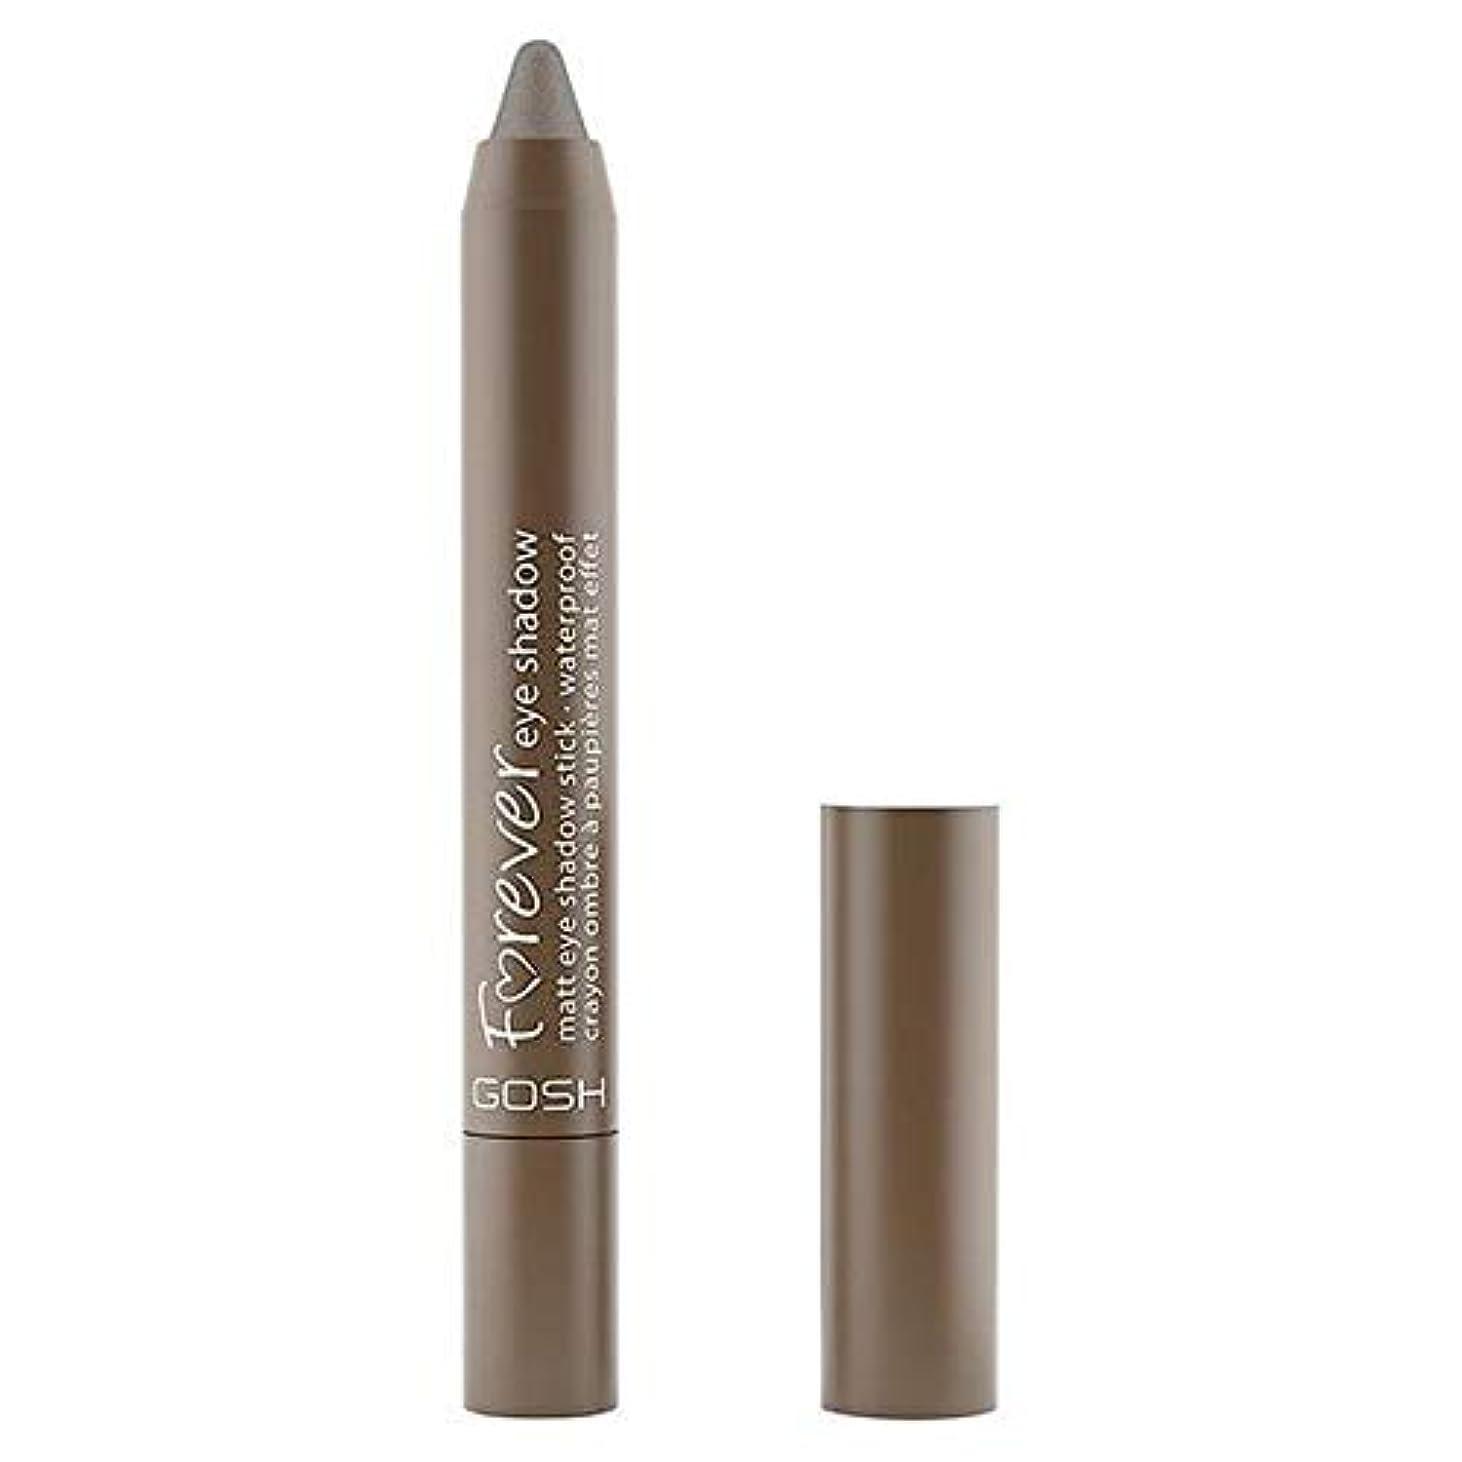 振るう機関車博覧会[GOSH ] おやっ永遠にシングルアイシャドウマット10ミディアムブラウン1.5グラム - Gosh Forever Single Eyeshadow Matt 10 Medium Brown 1.5G [並行輸入品]